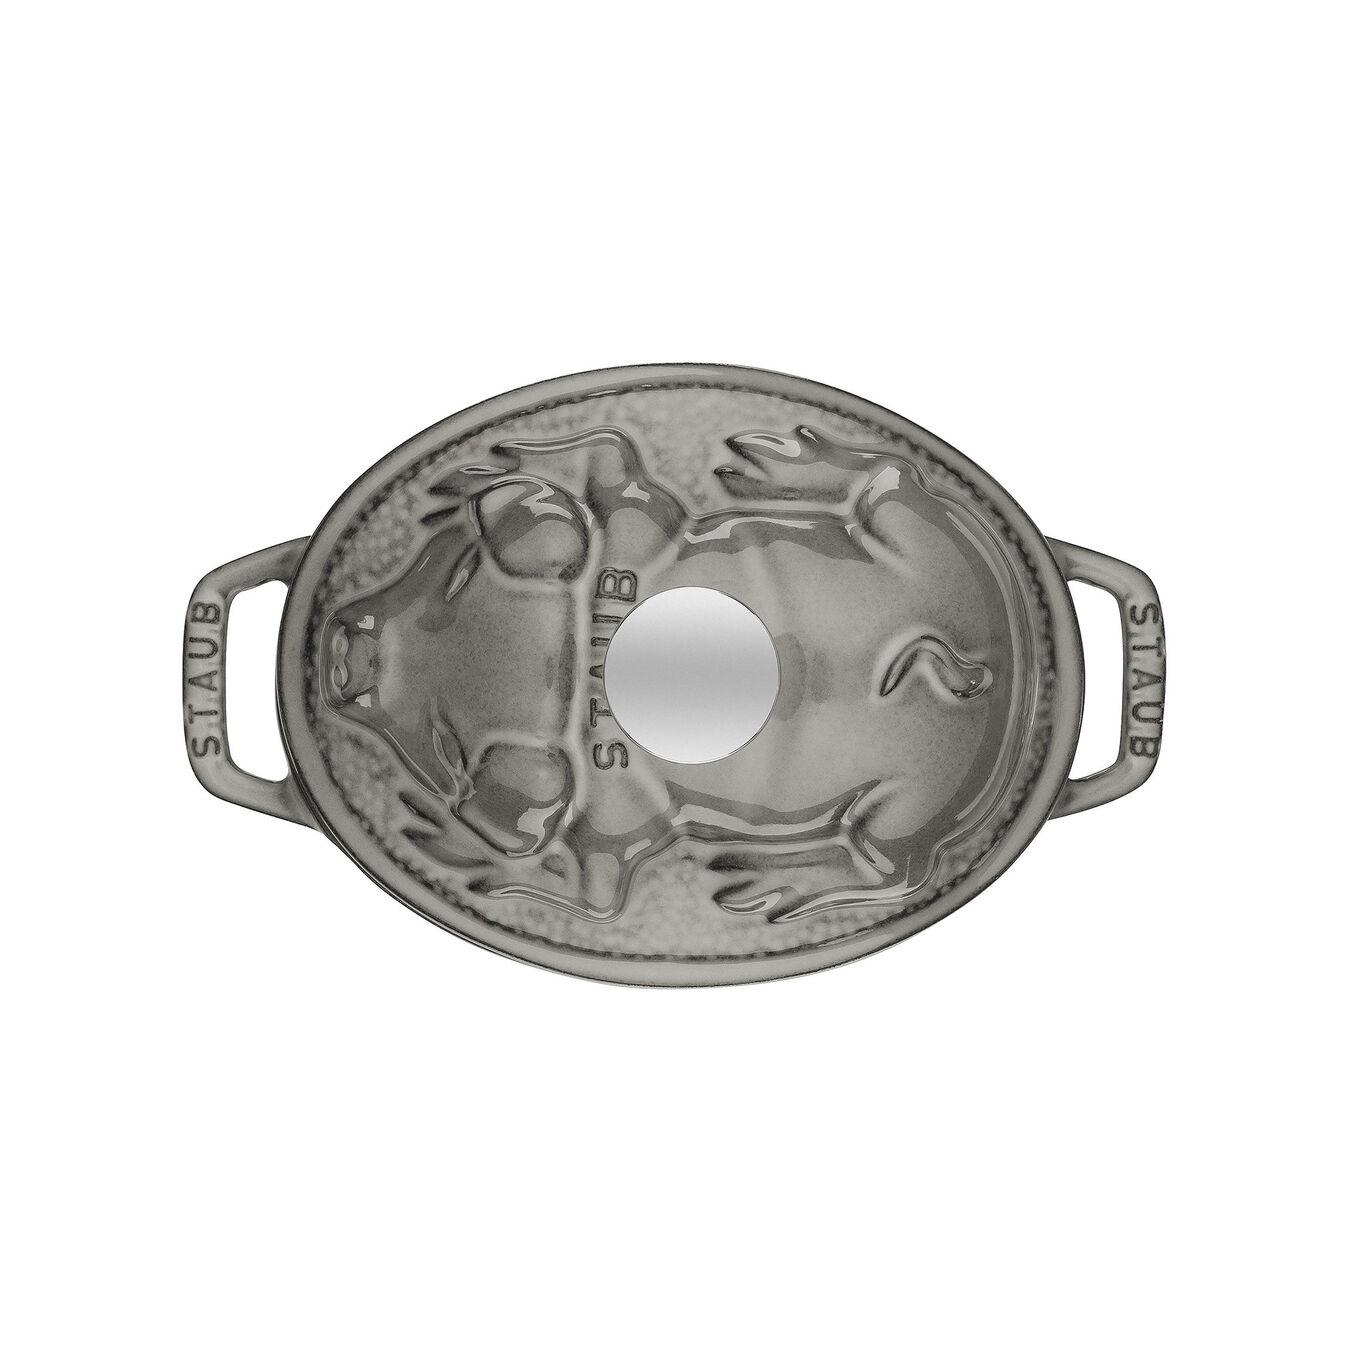 Cocotte 17 cm, Ovale, Gris graphite, Fonte,,large 3